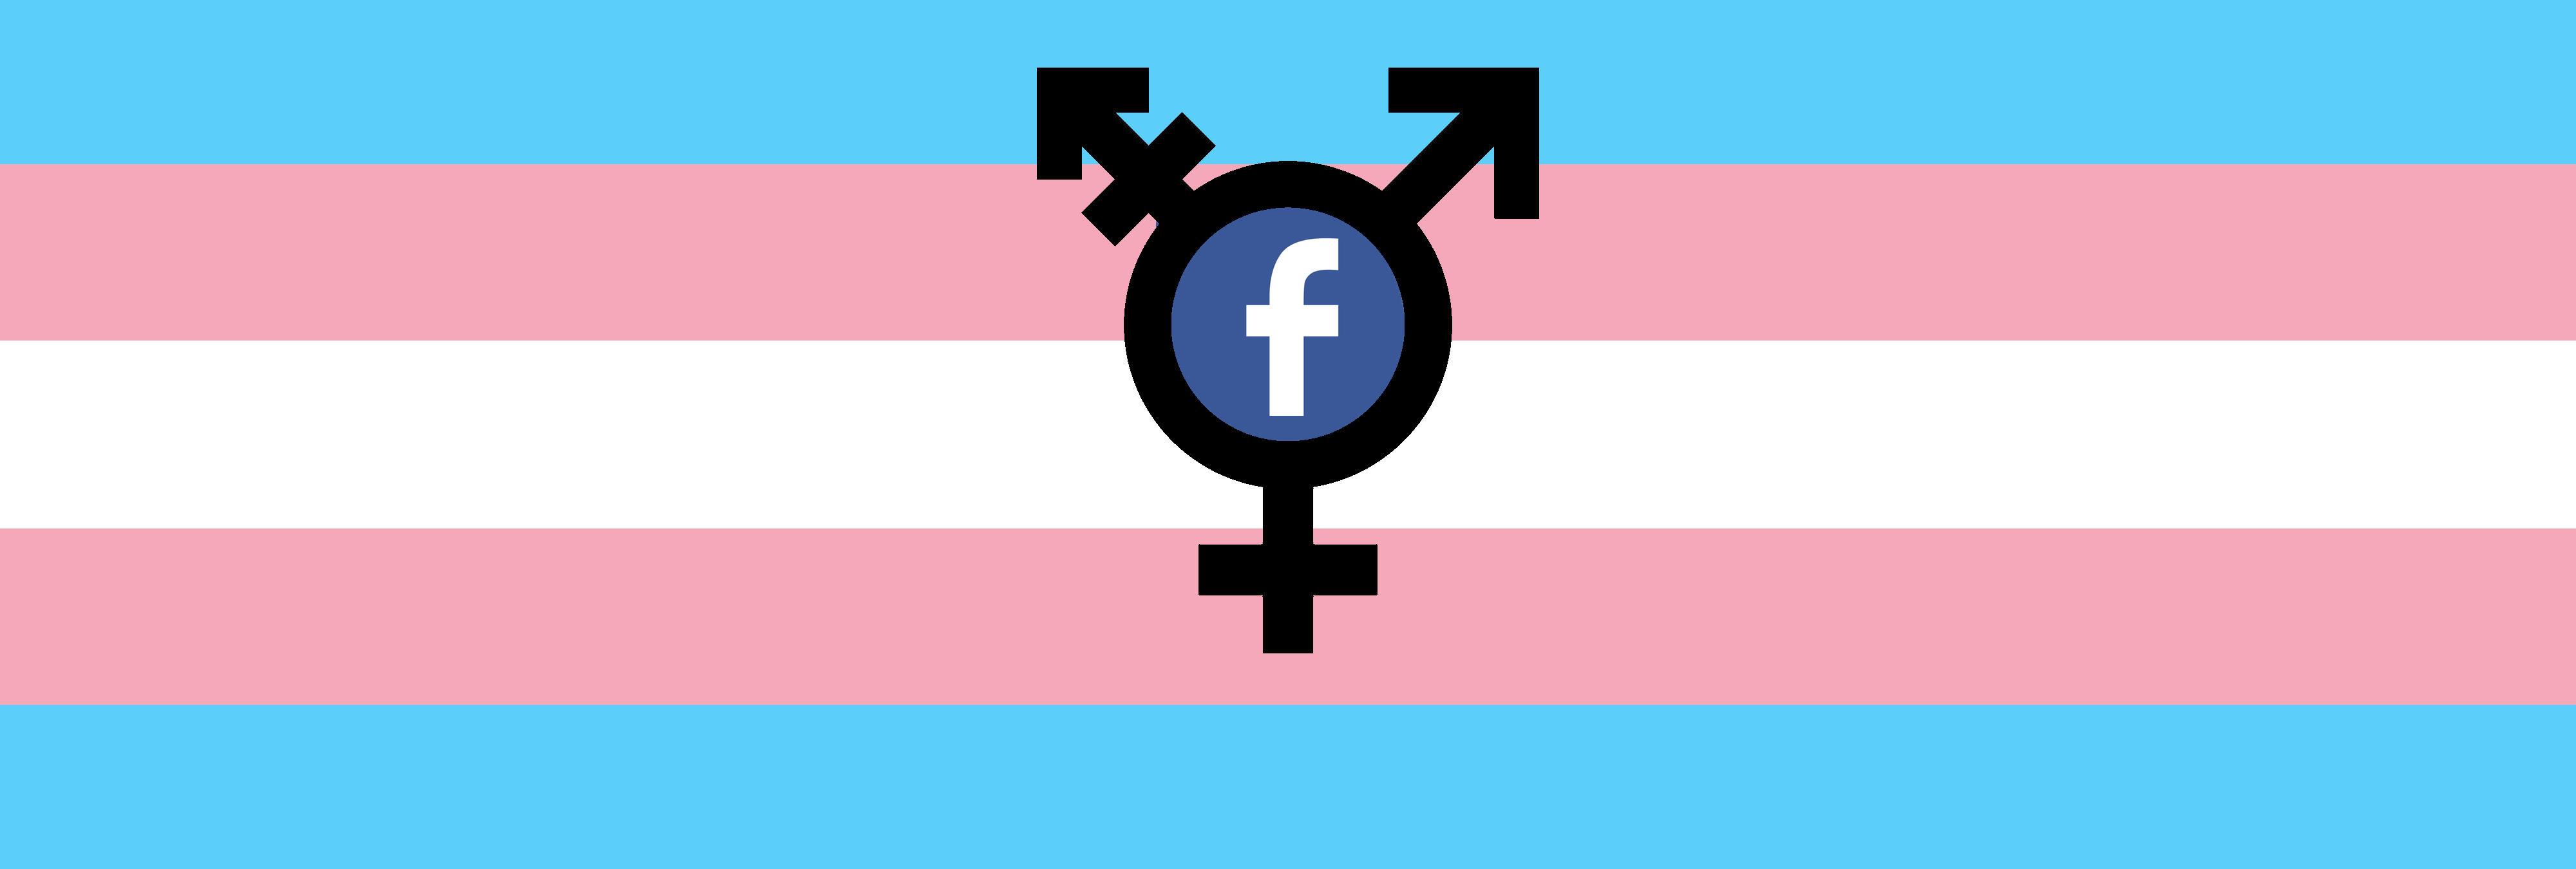 Si no eres hombre ni mujer Facebook te deja elegir entre 58 opciones de género